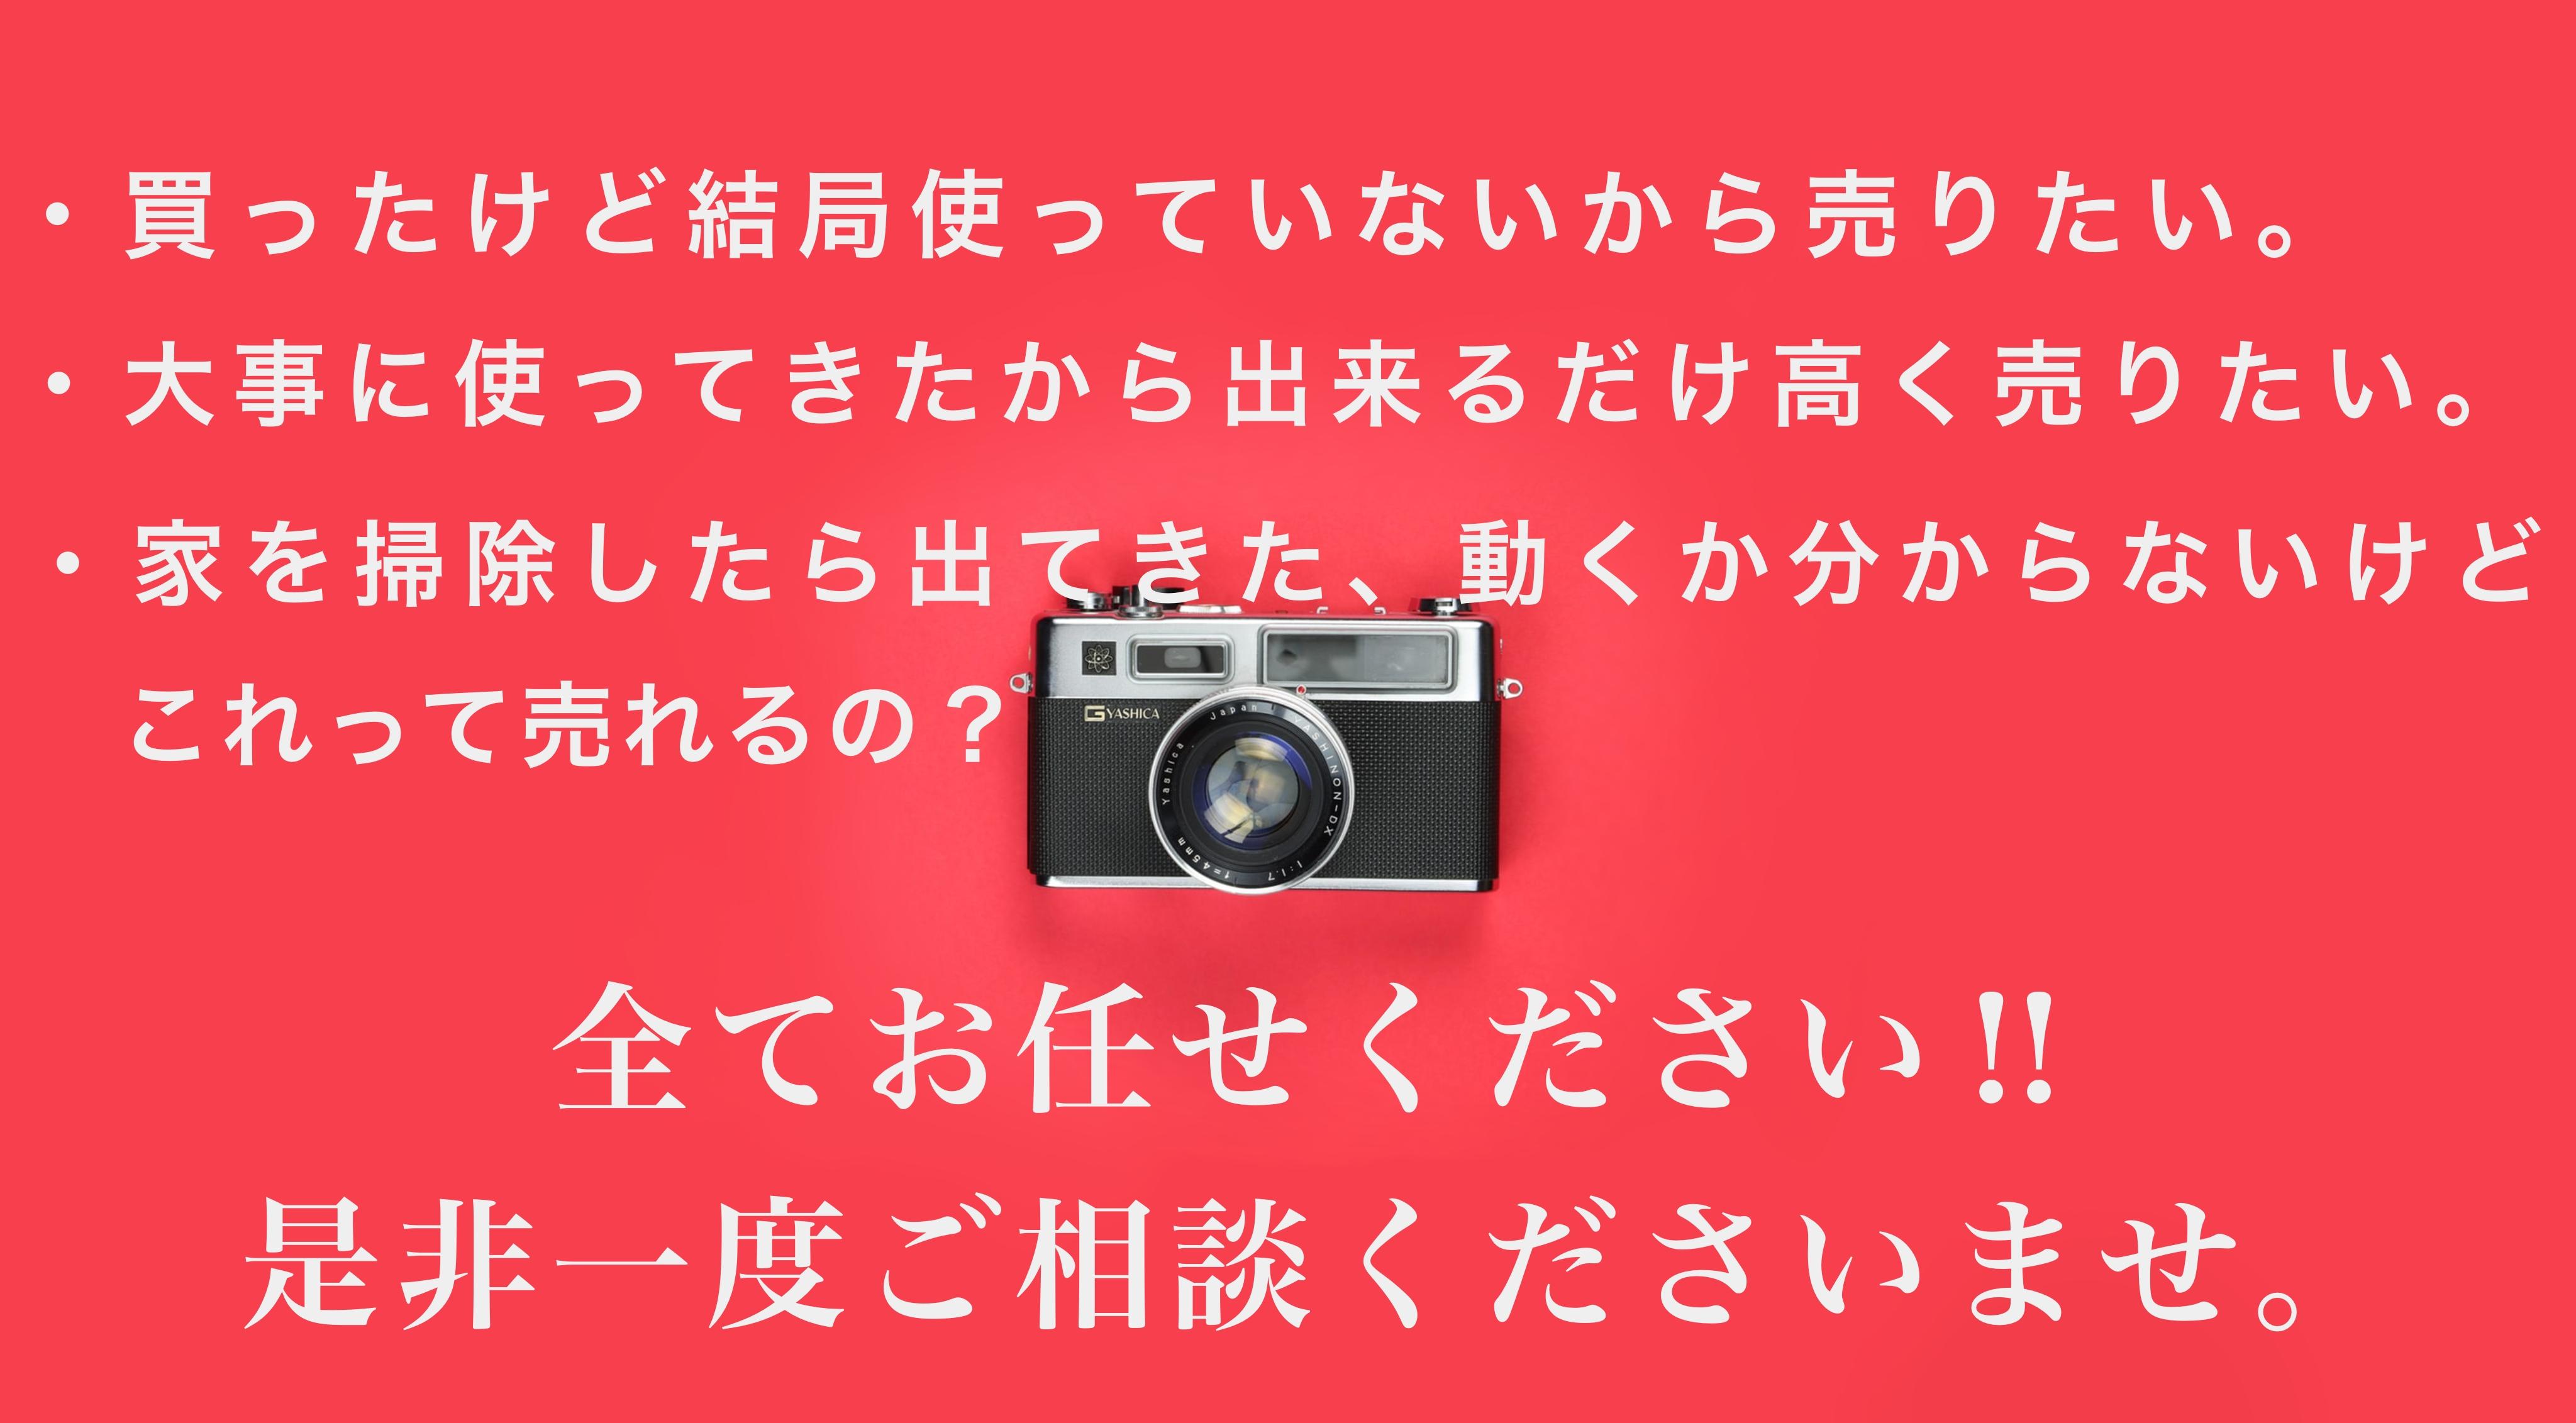 20191003_051052838_iOS